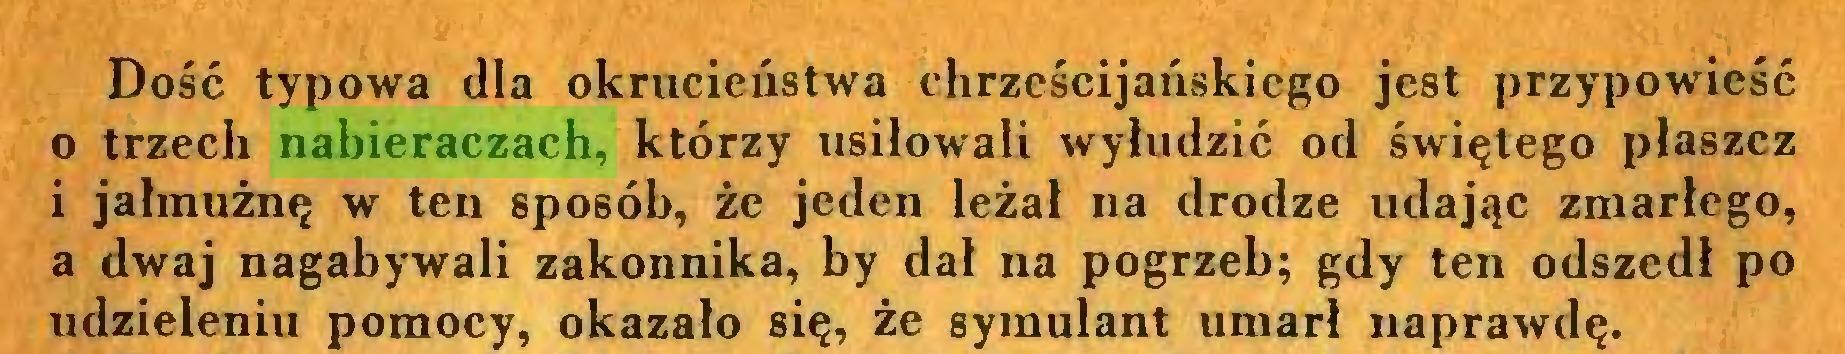 (...) Dość typowa dla okrucieństwa chrześcijańskiego jest przypowieść 0 trzech nabieraczach, którzy usiłowali wyłudzić od świętego płaszcz 1 jałmużnę w ten sposób, że jeden leżał na drodze udając zmarłego, a dwaj nagabywali zakonnika, by dał na pogrzeb; gdy ten odszedł po udzieleniu pomocy, okazało się, że symulant umarł naprawdę...